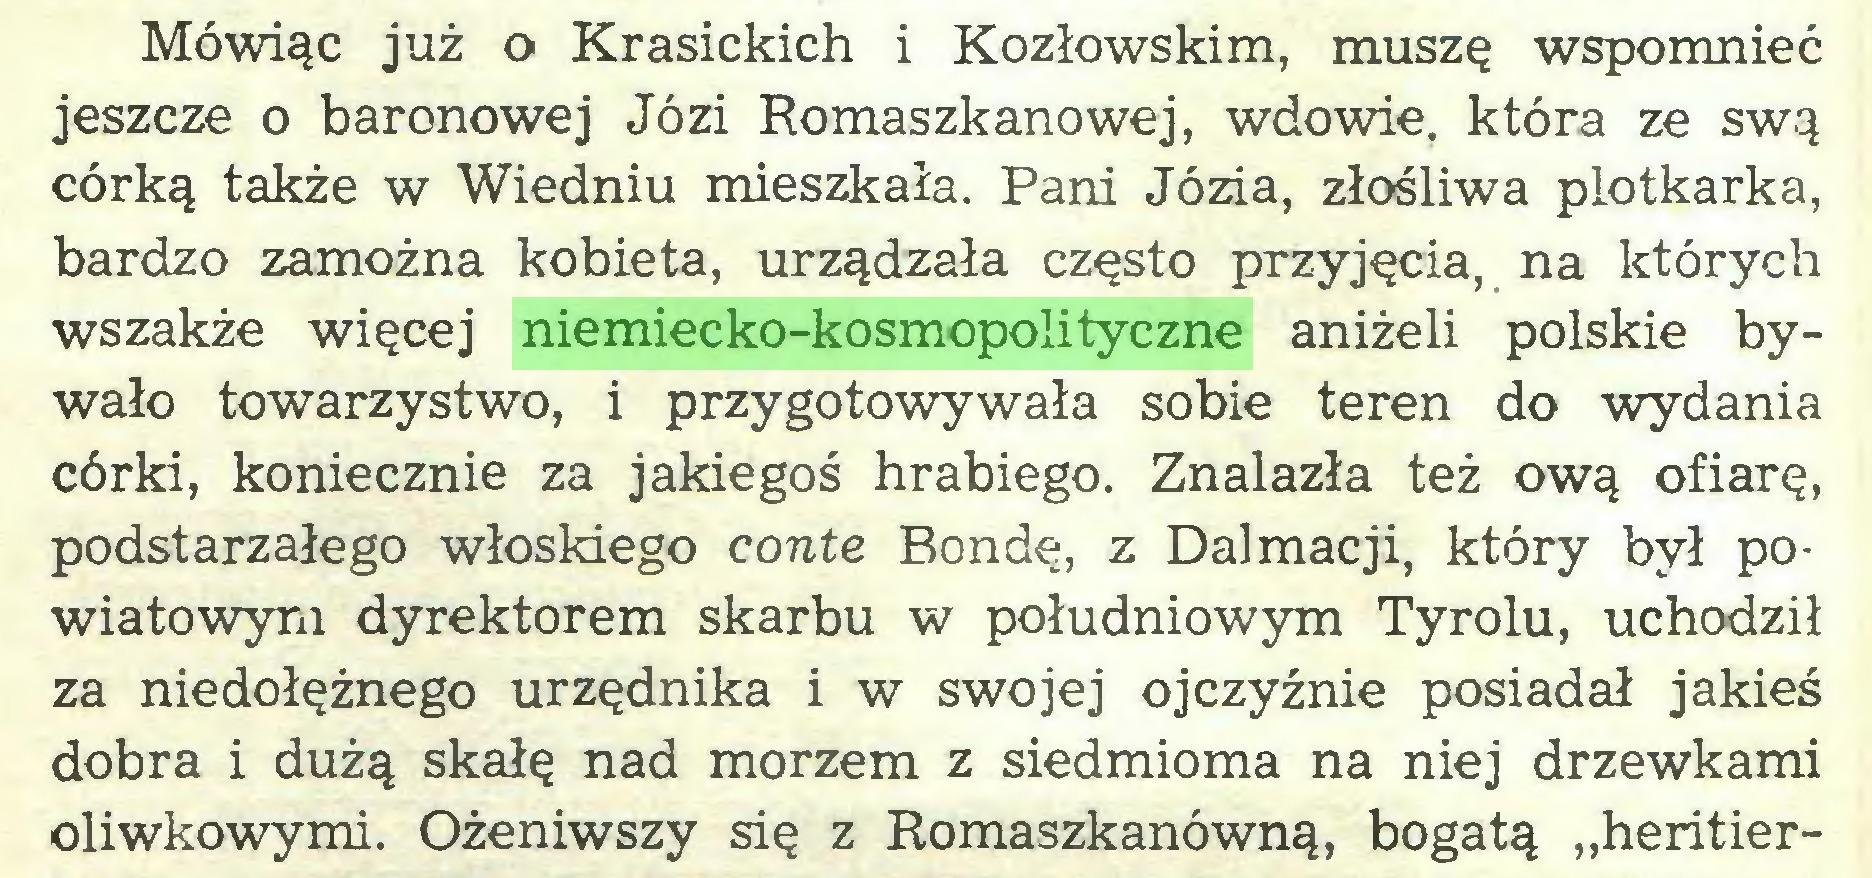 """(...) Mówiąc już o Krasickich i Kozłowskim, muszę wspomnieć jeszcze o baronowej Józi Romaszkanowej, wdowie, która ze swą córką także w Wiedniu mieszkała. Pani Józia, złośliwa plotkarka, bardzo zamożna kobieta, urządzała często przyjęcia, na których wszakże więcej niemiecko-kosmopolityczne aniżeli polskie bywało towarzystwo, i przygotowywała sobie teren do wydania córki, koniecznie za jakiegoś hrabiego. Znalazła też ową ofiarę, podstarzałego włoskiego conte Bondę, z Dalmacji, który był powiatowym dyrektorem skarbu w południowym Tyrolu, uchodził za niedołężnego urzędnika i w swojej ojczyźnie posiadał jakieś dobra i dużą skałę nad morzem z siedmioma na niej drzewkami oliwkowymi. Ożeniwszy się z Romaszkanówną, bogatą """"heritier..."""